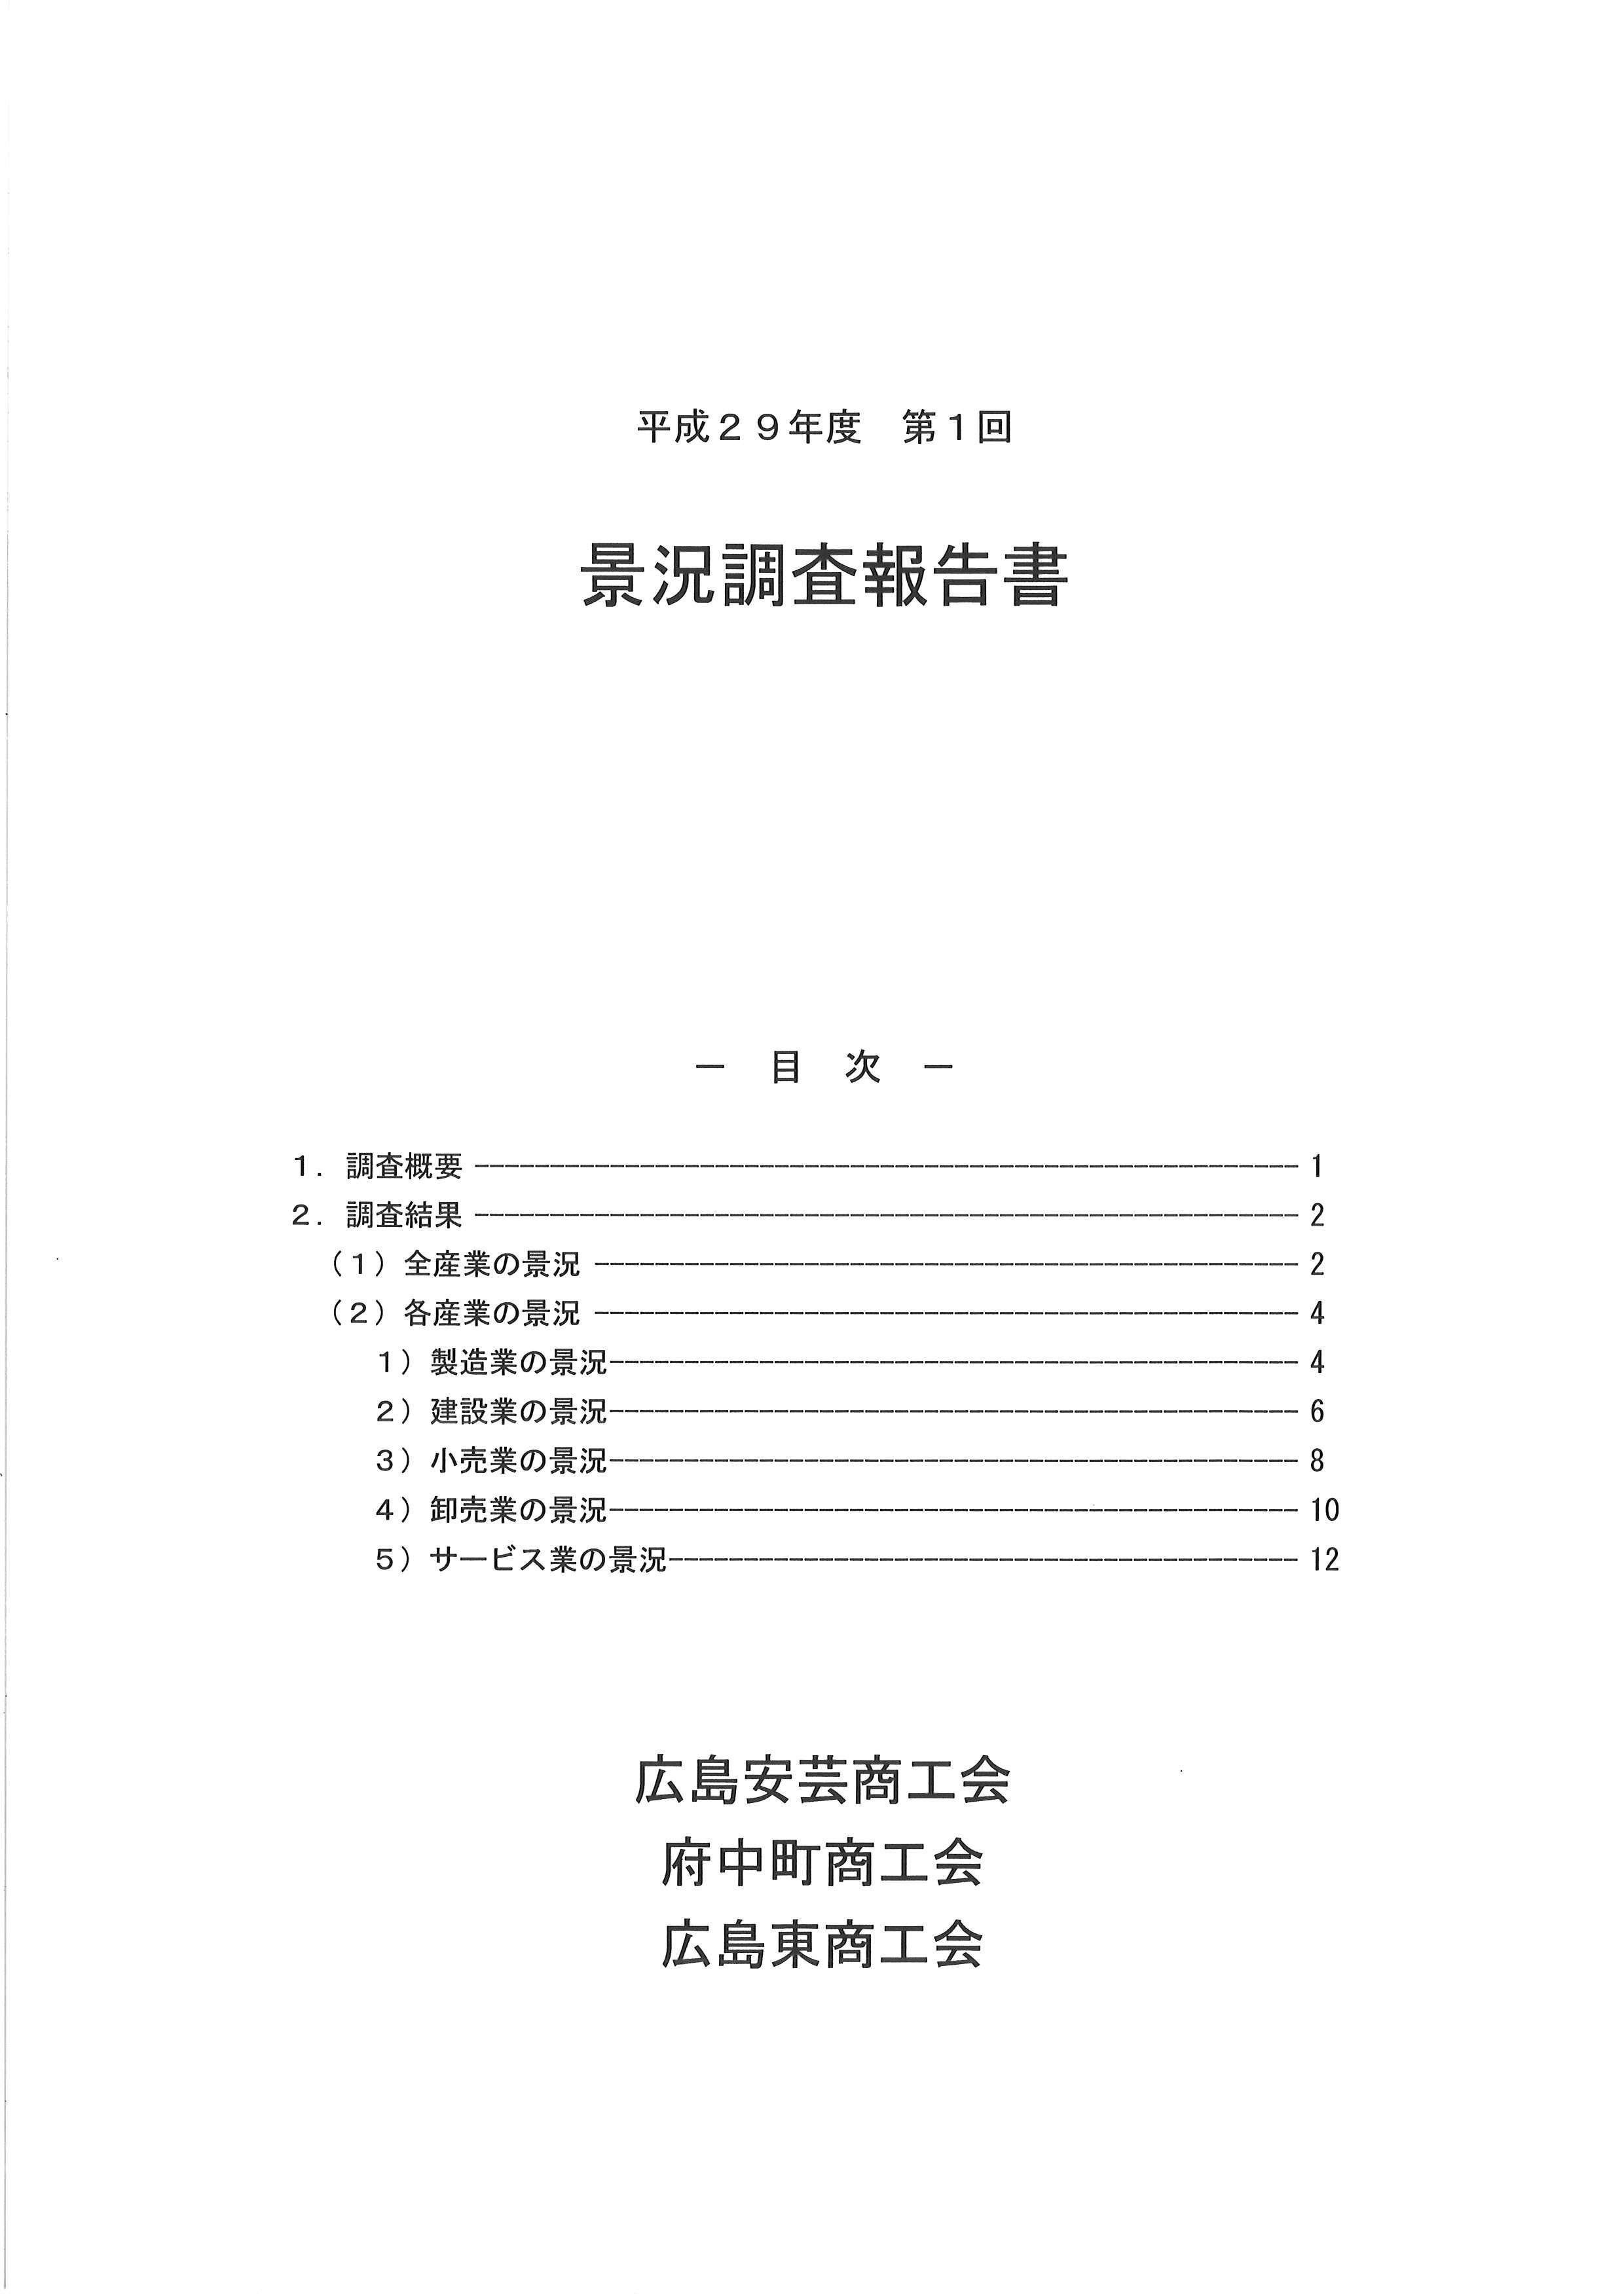 平成29年度第1回景況調査報告書を公開しています